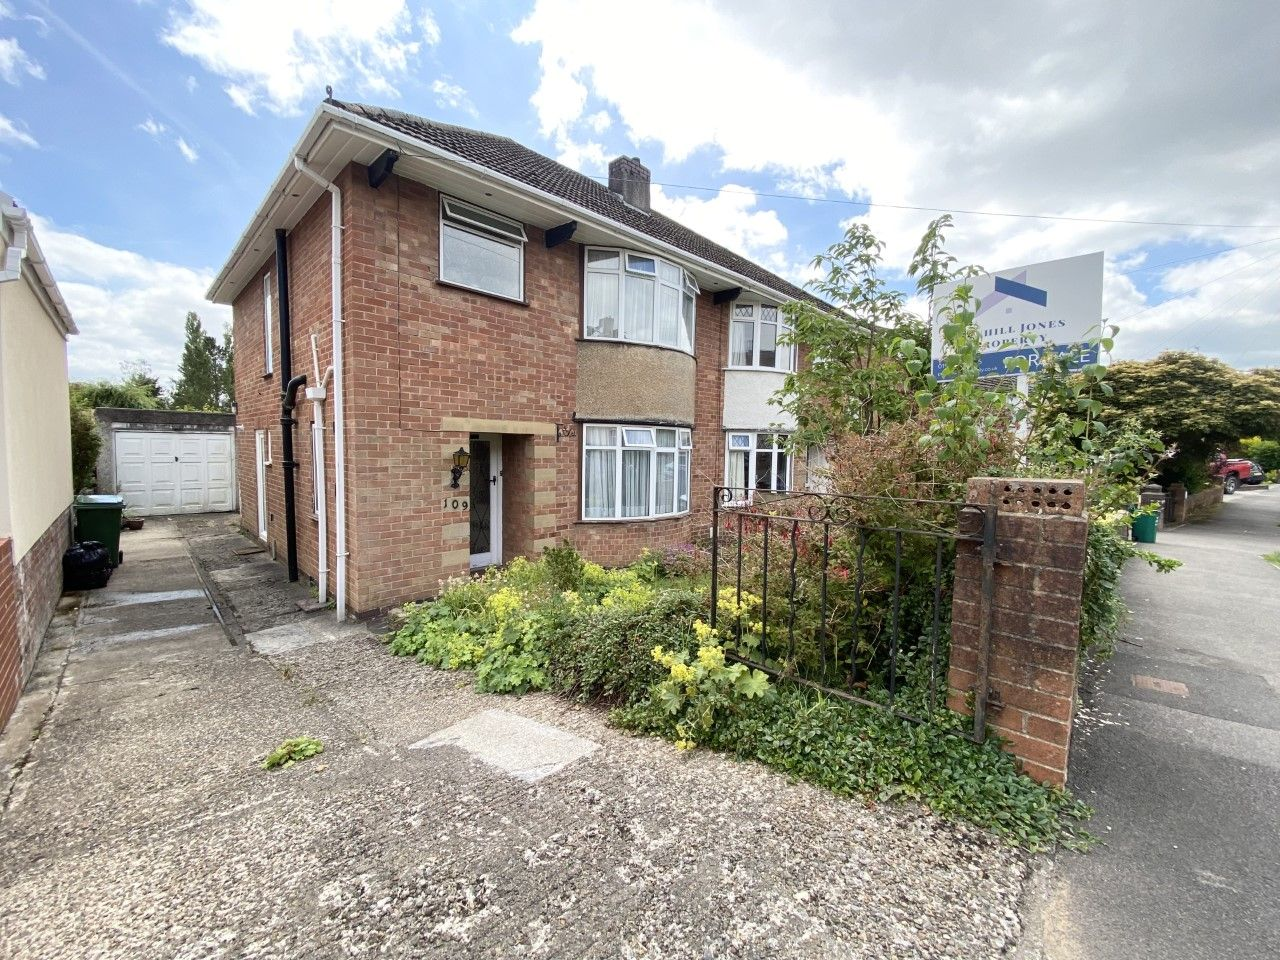 Property photo 1 of 15. Thumbnail_Img_7243